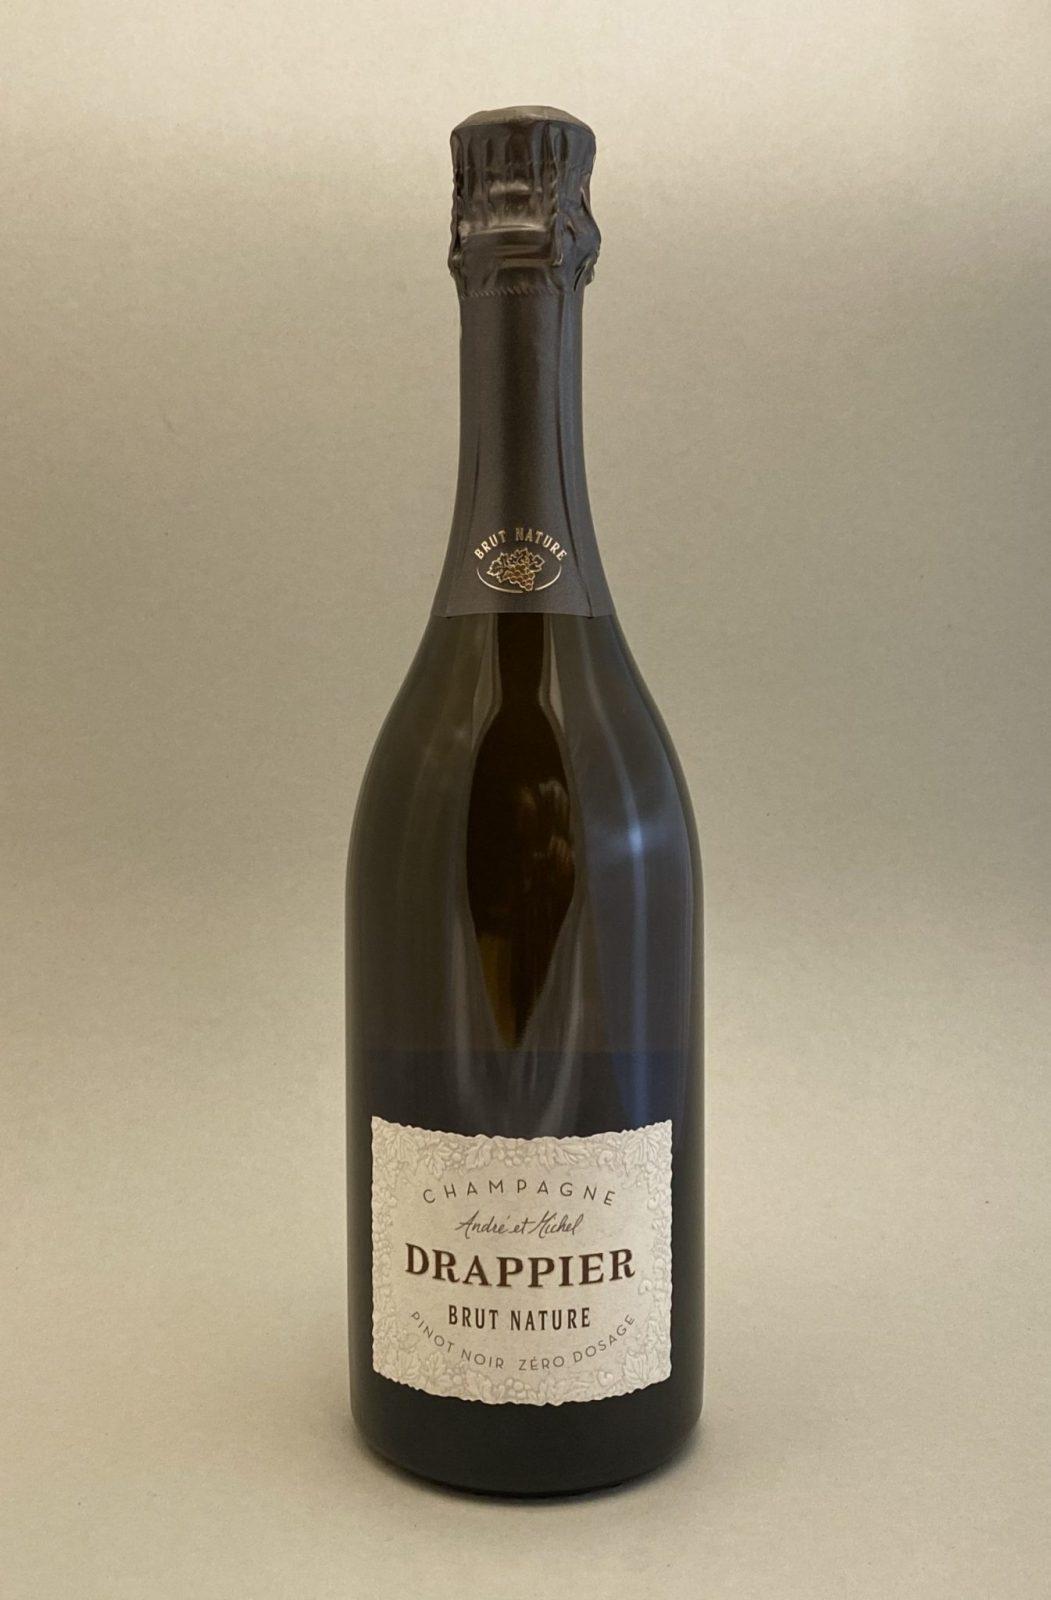 DRAPPIER Champagne Brut Nature, Bulbinkove vino, vinotéka Bratislava Slnecnice, Sunnywines, rozvoz vina, winebar, Pripime si štýlovo na nový rok 2021, čo sa hodí na nezabudnuteľný prípitok, vinoteka Sunnywines, Champagne